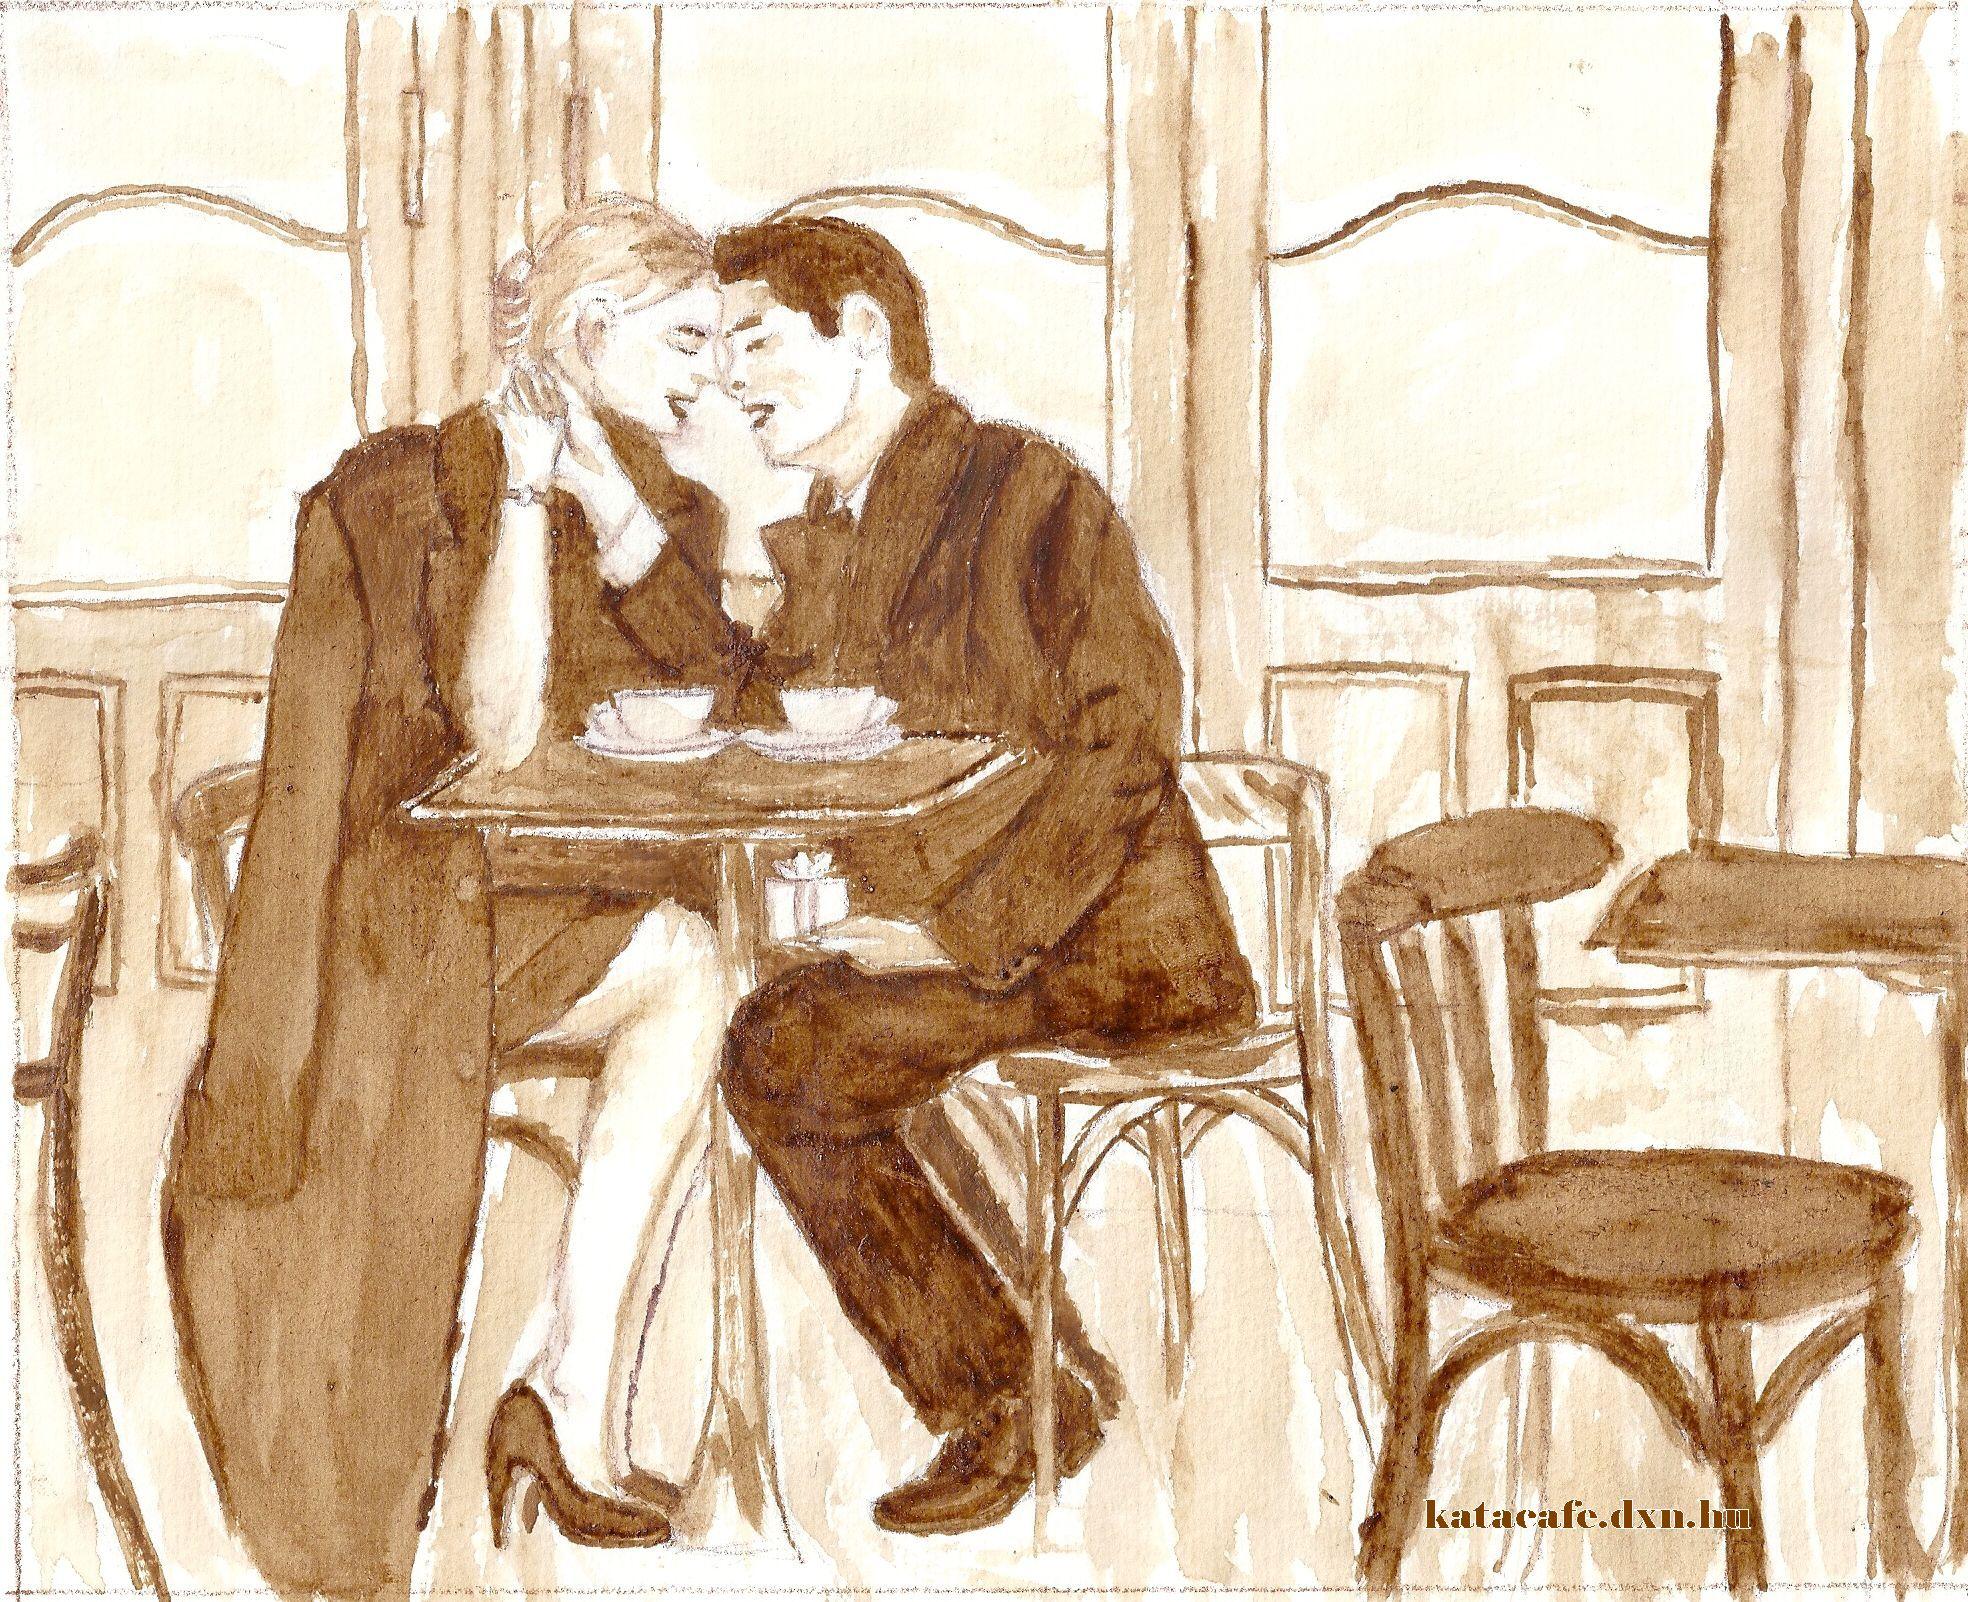 Művészet, festészet, kávéfestés, kávé dxn, ganoderma, kávéház, Kajáriné Katalin, szerelem, boldogság, eljegyzés